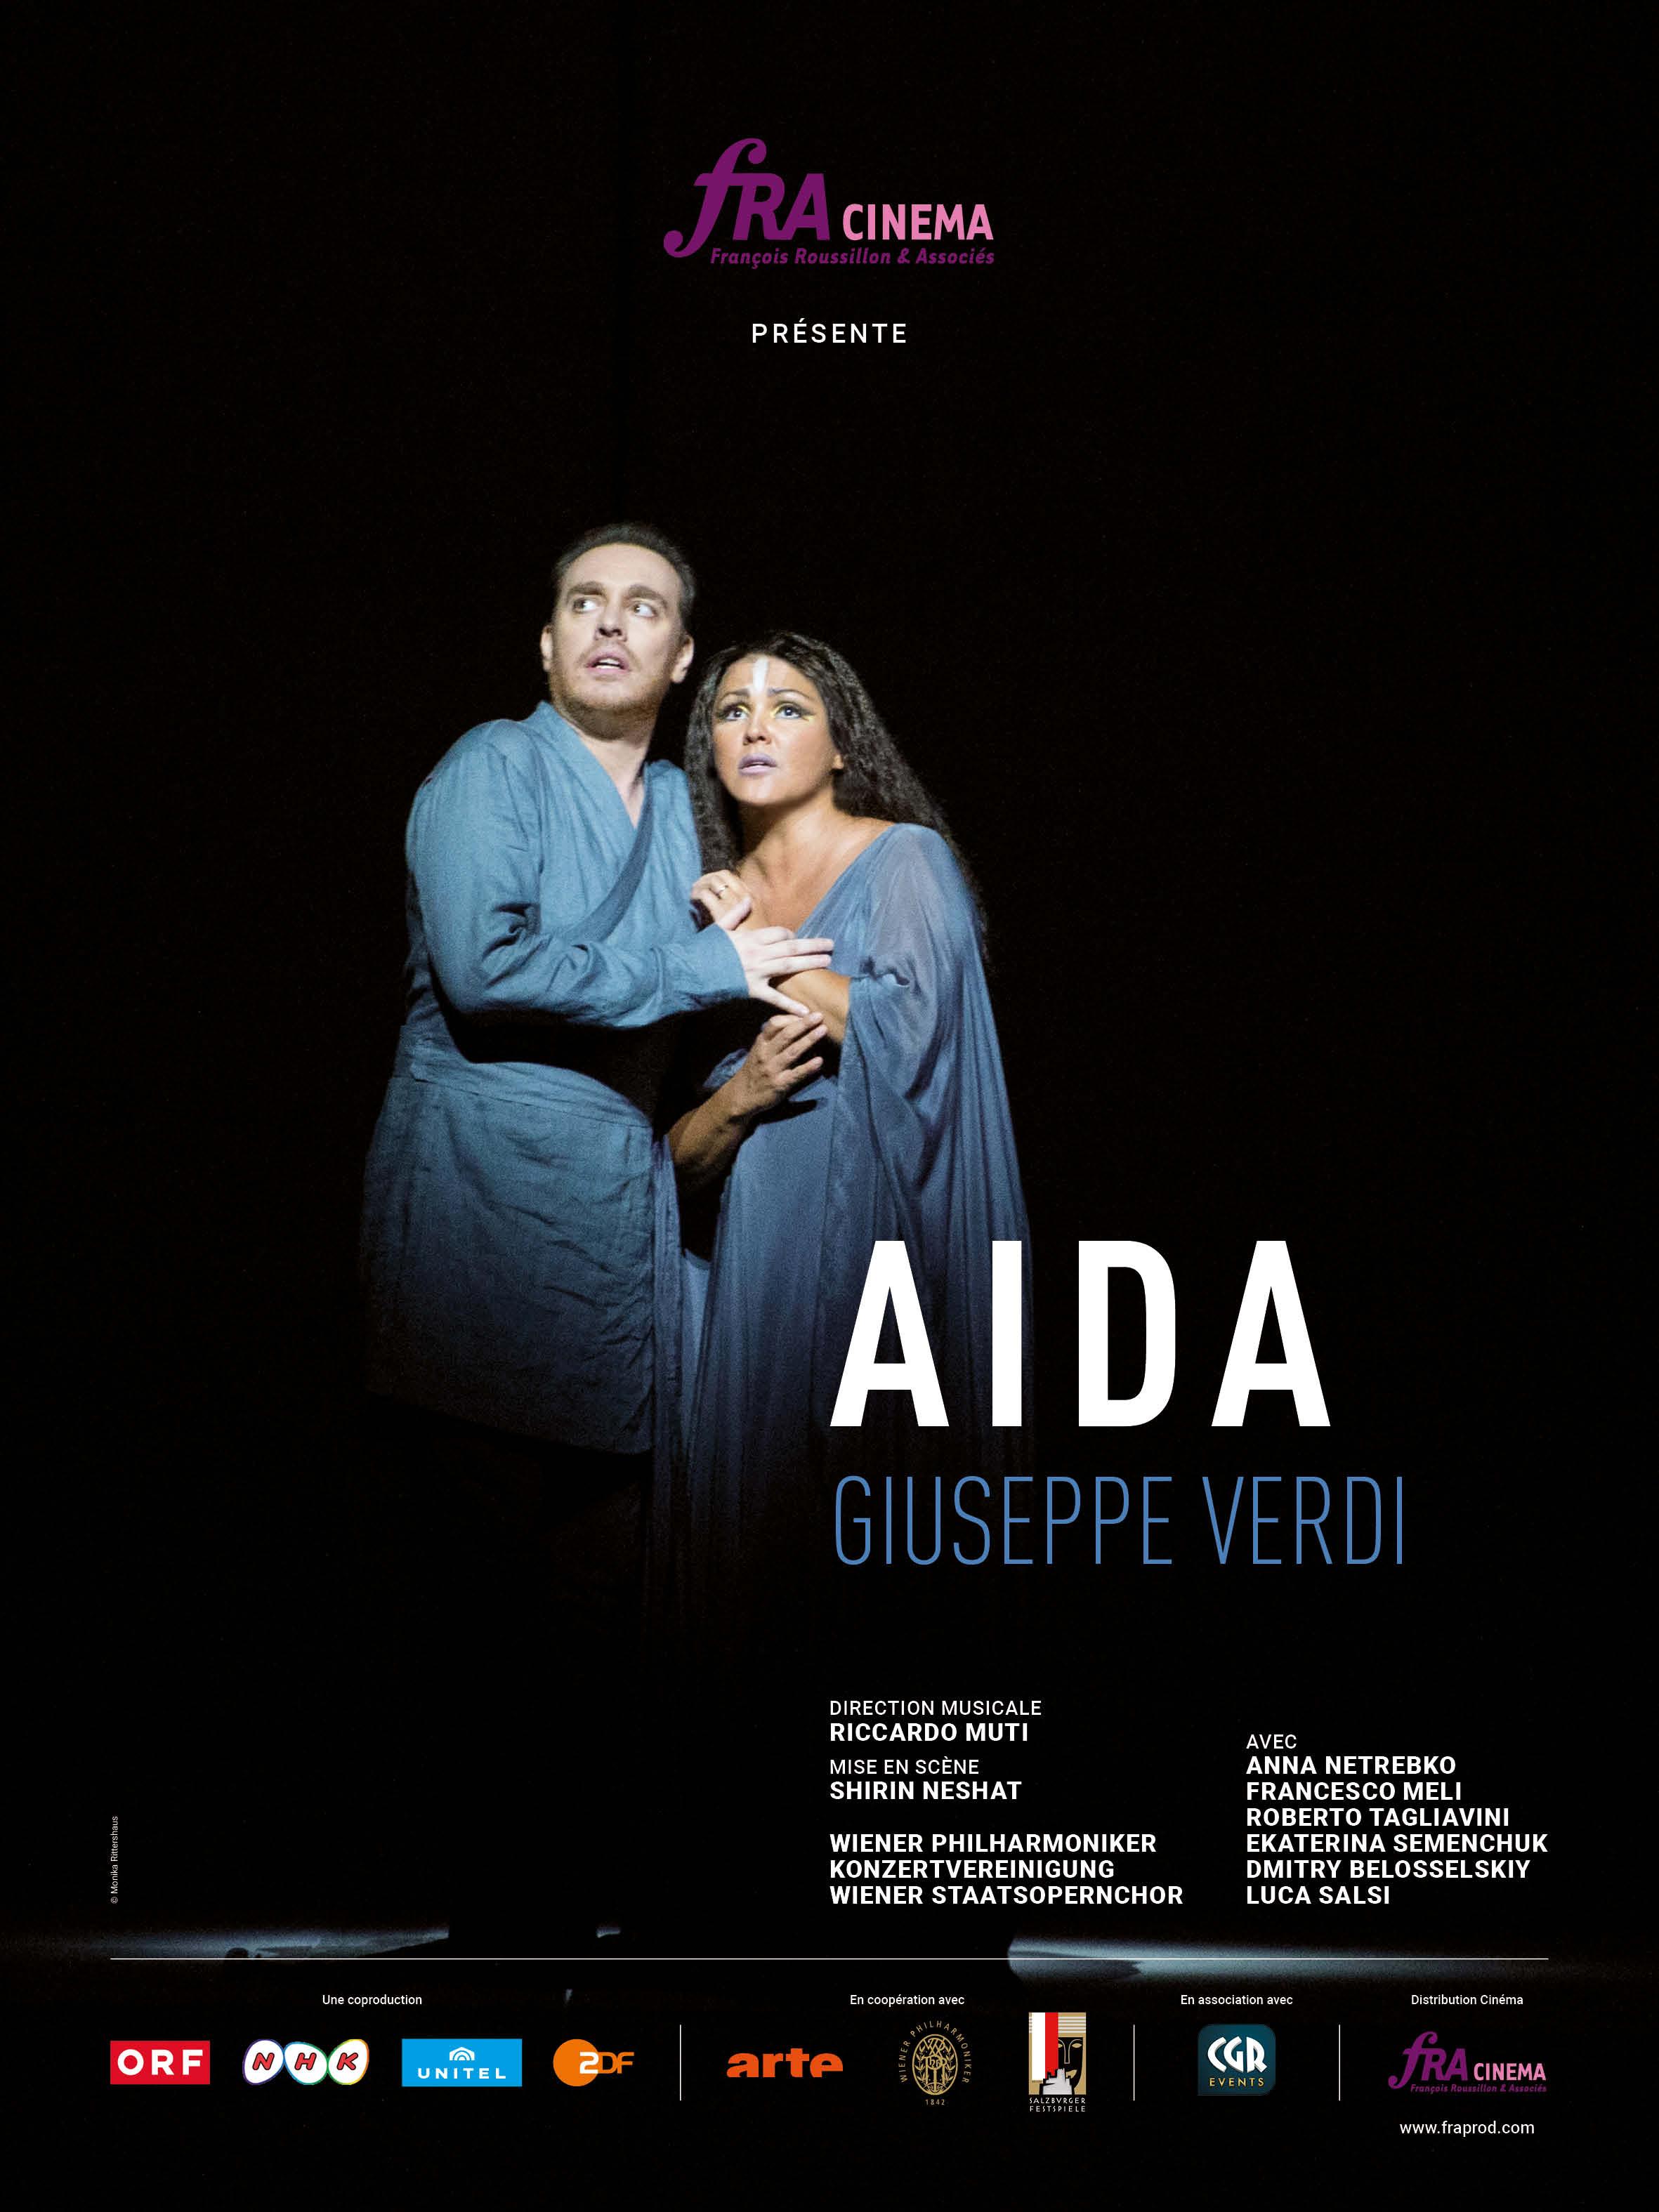 Aida (Festival de Salzbourg - FRA Cinéma)